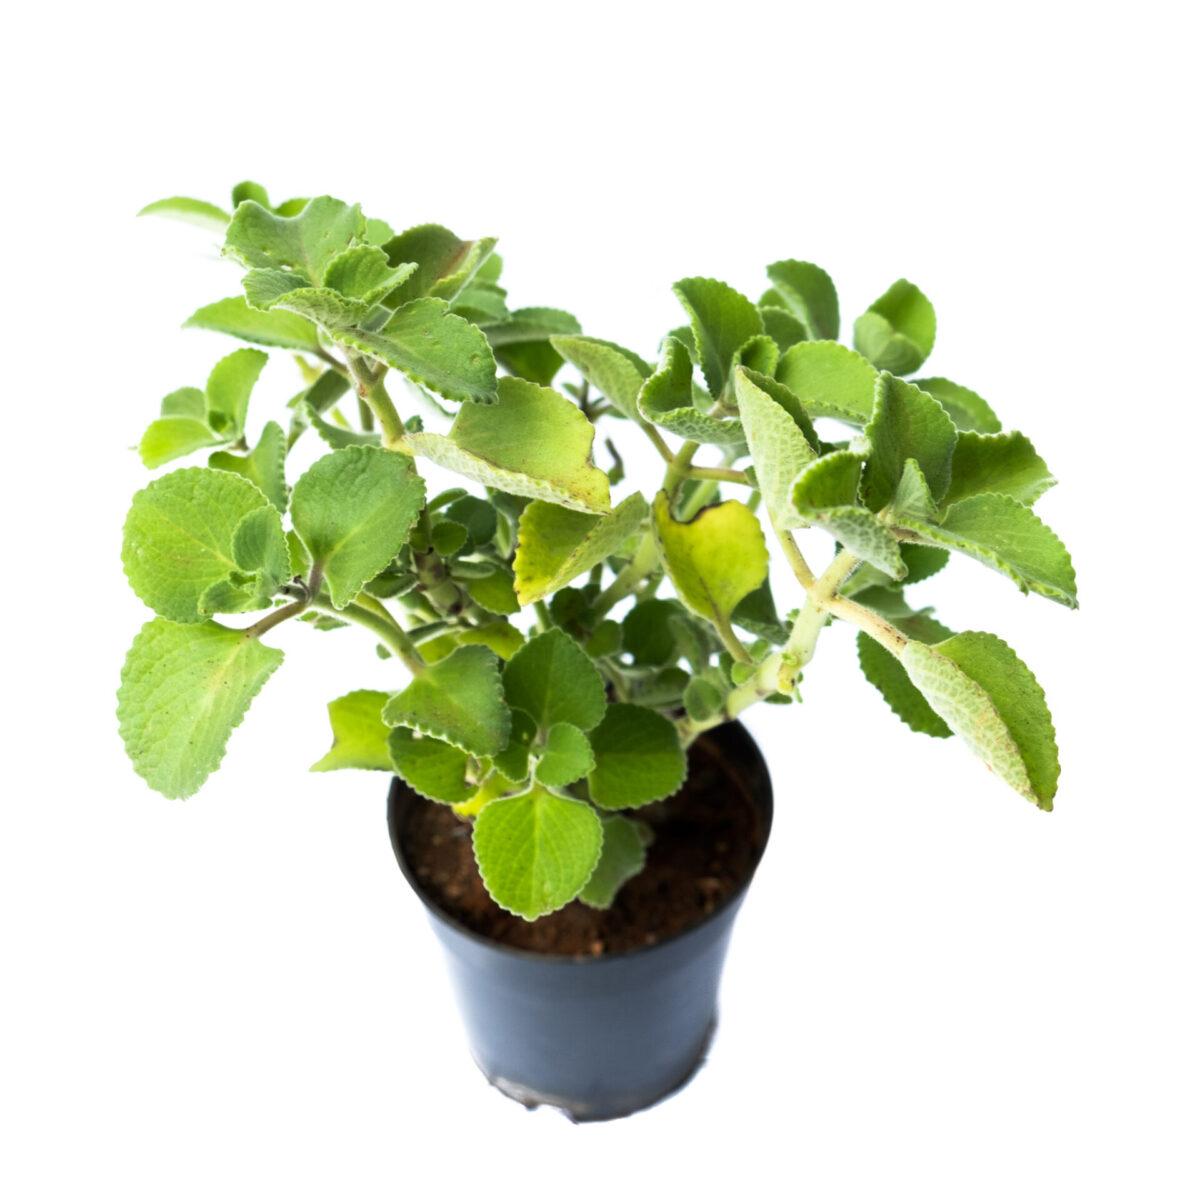 Bagh Trachyspermum ammi